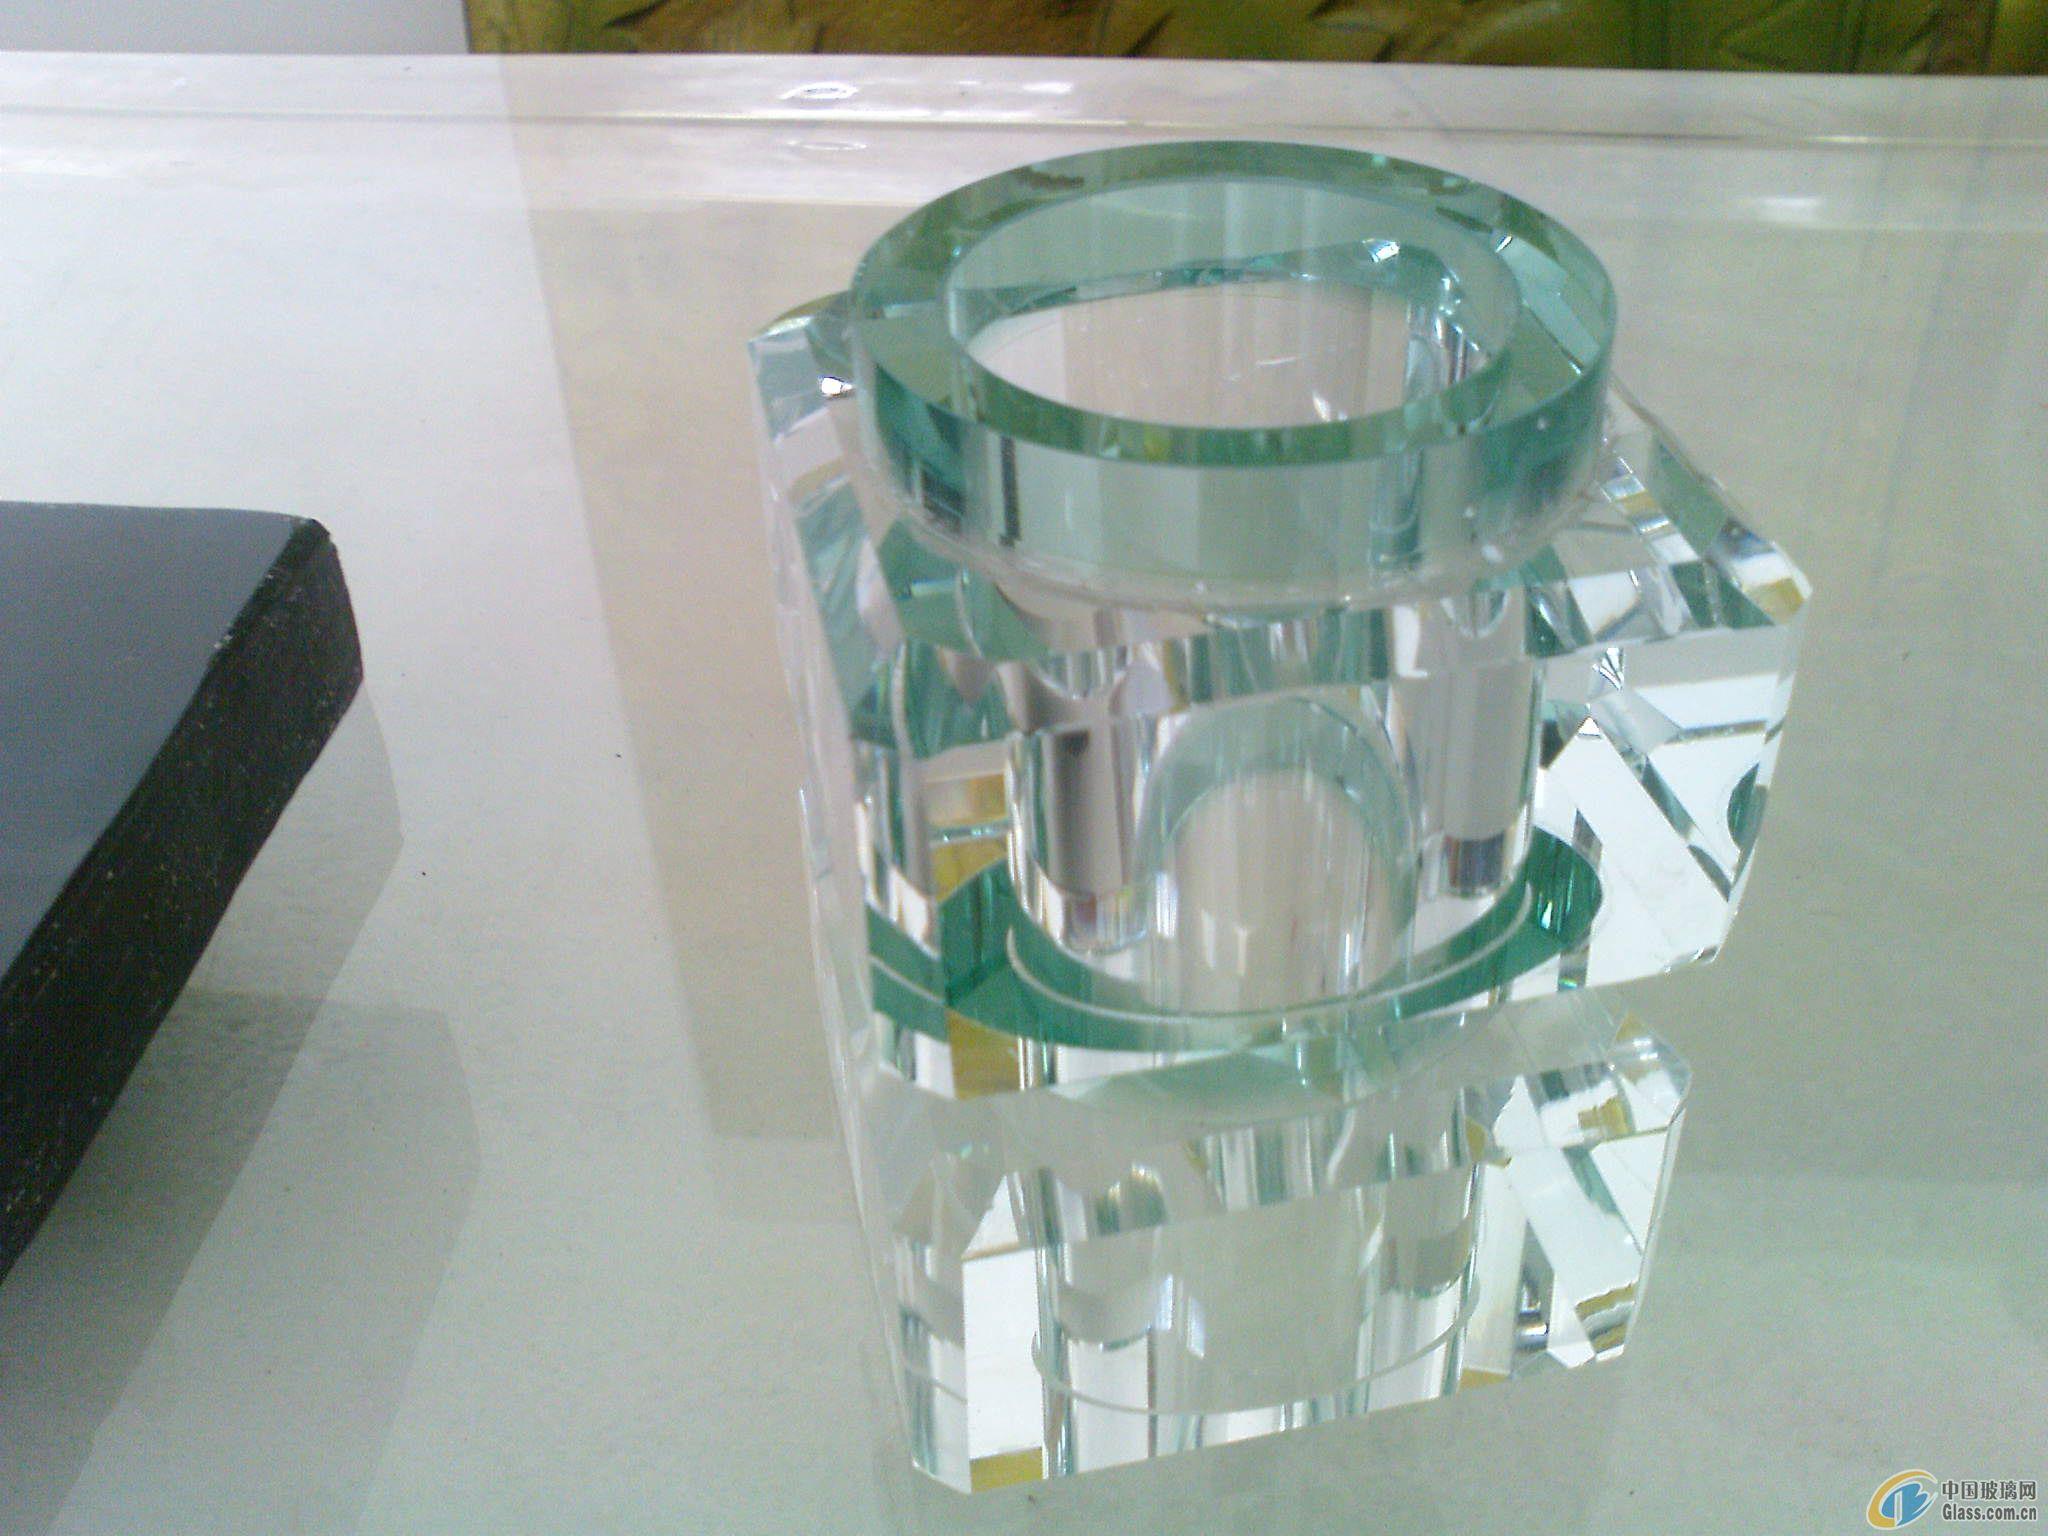 我公司是从事工艺玻璃、水晶气泡板材研发、设计、生产与销售为一体的现代专业化企业。不断推出新的工艺品种,其中热熔系列玻璃、气泡柱、板材(砖)、立杆扶手、琉璃板材等产品为国内首创,并且水晶砖(柱)获得国家专利。公司现在主要生产经营的产品有:水晶系列(水晶板材、水晶气泡柱、彩色水晶柱、水晶砖、水晶球、水晶茶几、台面)、琉璃系列(琉璃板材、琉璃柱、纤彩琉璃、宝石琉璃、琉璃茶几、台面),并具有对玻璃、水晶、琉璃等产品及板材的深加工设备,如水刀切割、平磨、各种异形抛磨、自动抛光机、雕刻机等,完全达到了对产品的细磨精抛